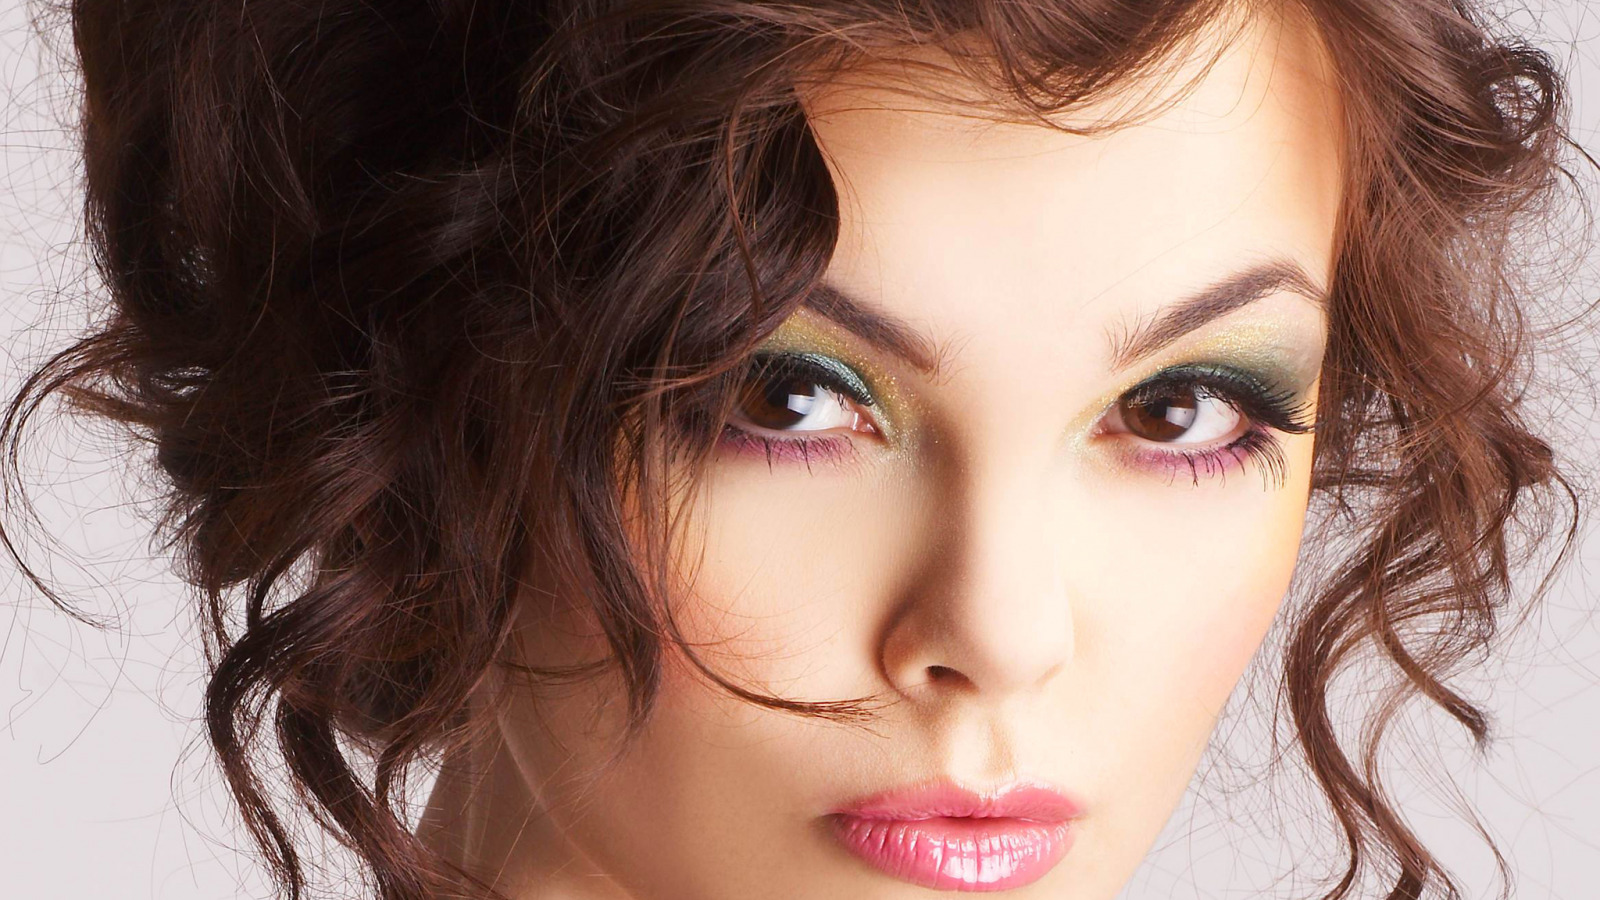 О чем может рассказать макияж девушки